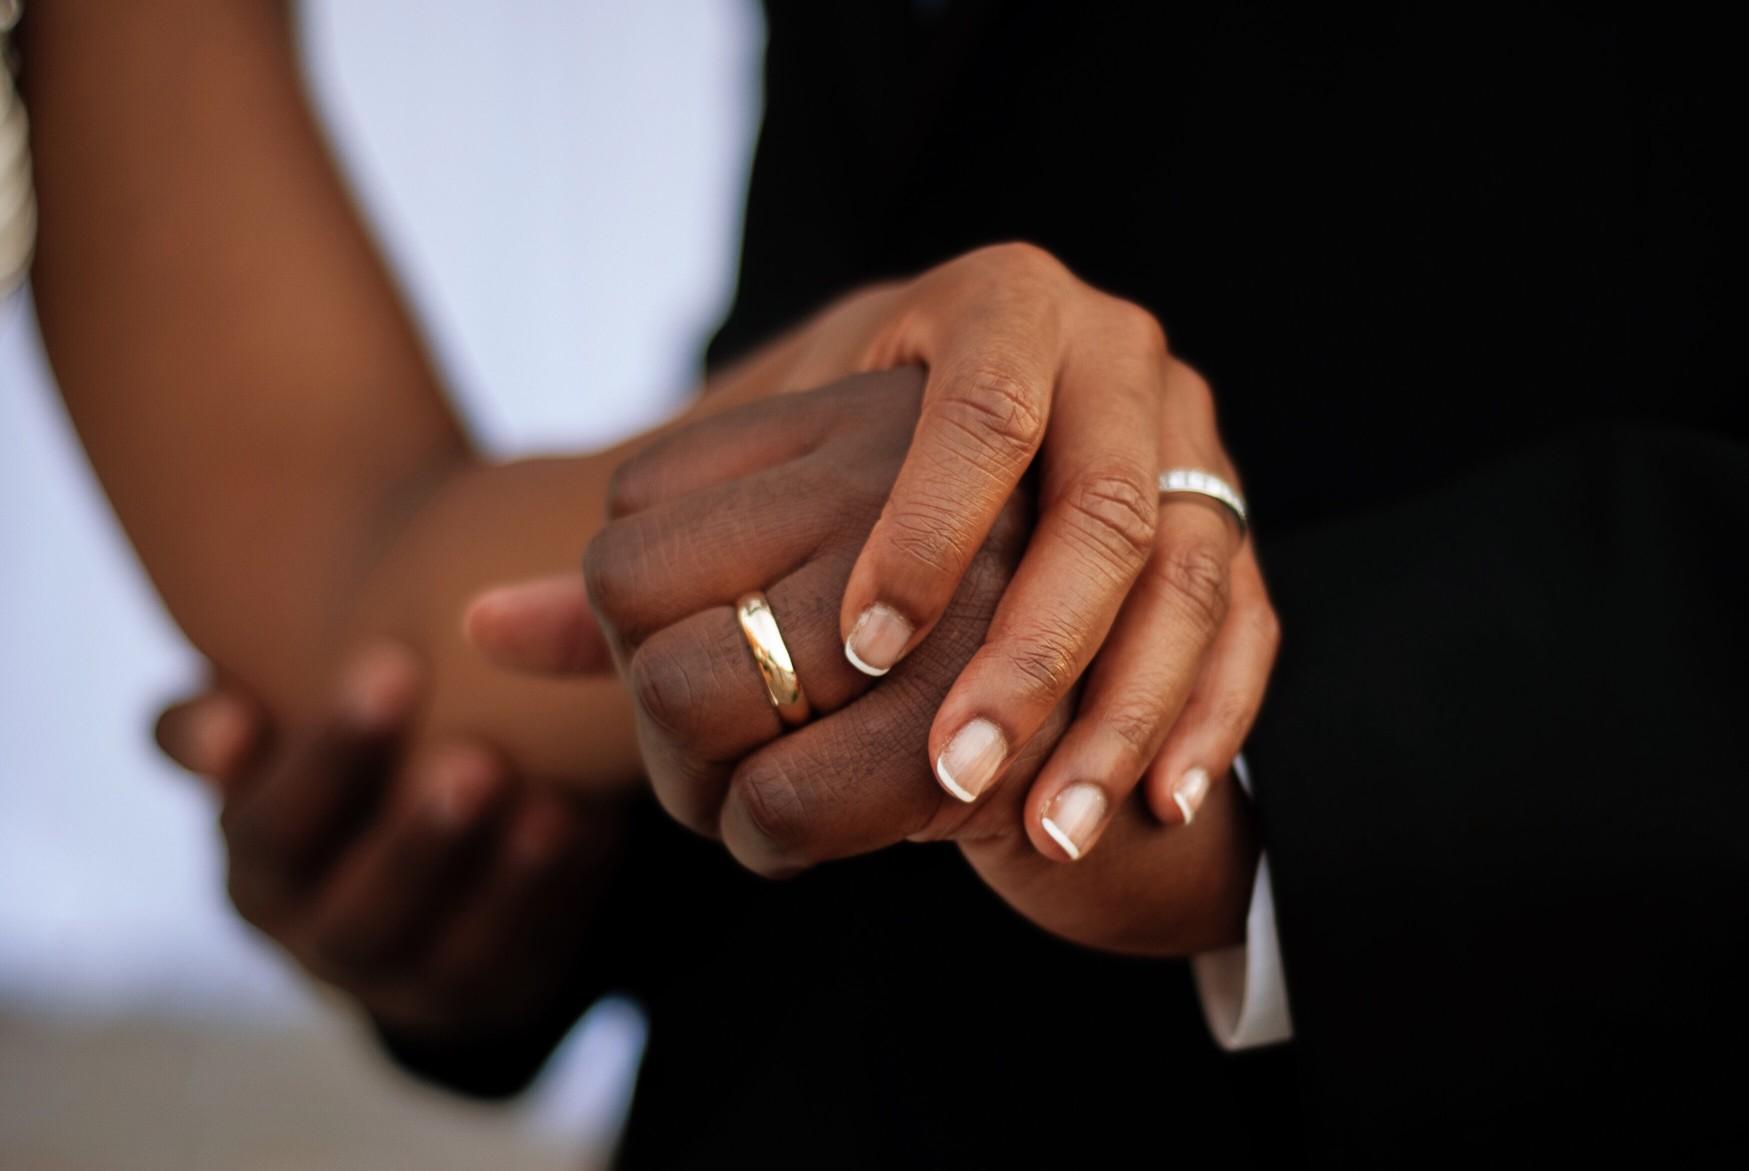 Die Kosten von Eheringen hängen von einigen unterschiedlichen Faktoren ab. Foto shanmccauley via Twenty20